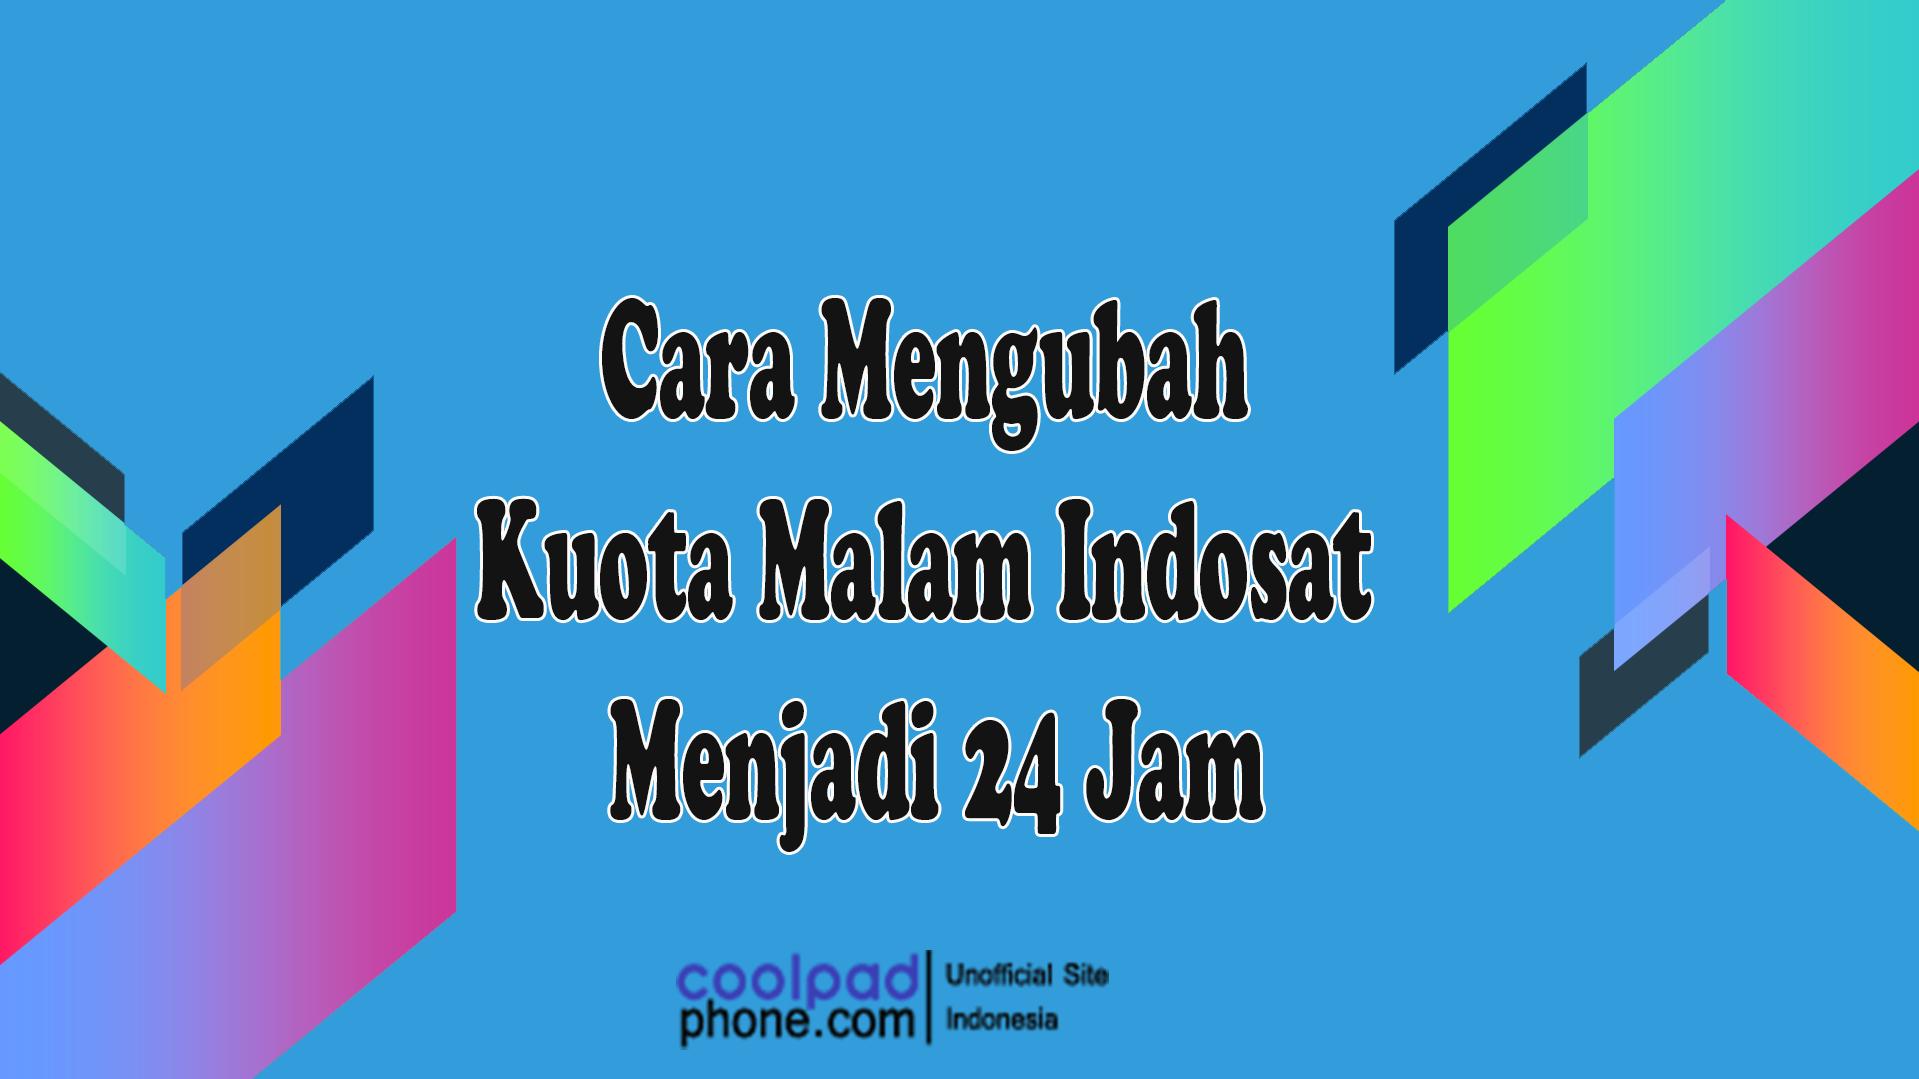 Kuota-Malam-Indosat